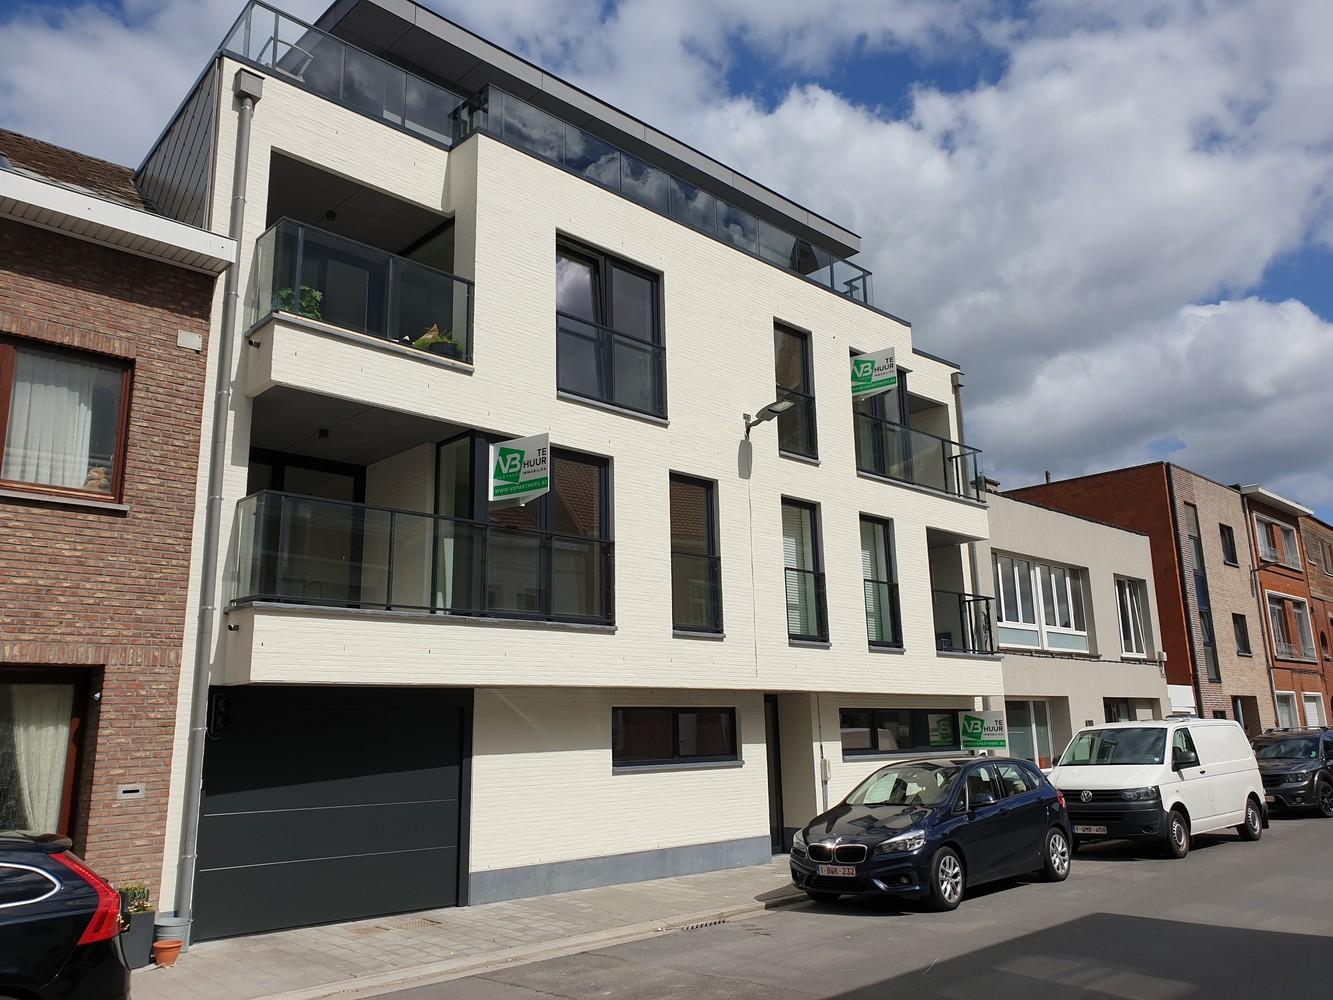 Prachtig nieuwbouwappartement op de gelijkvloerse verdieping met tuin en garagebox te Klein Willebroek! afbeelding 1